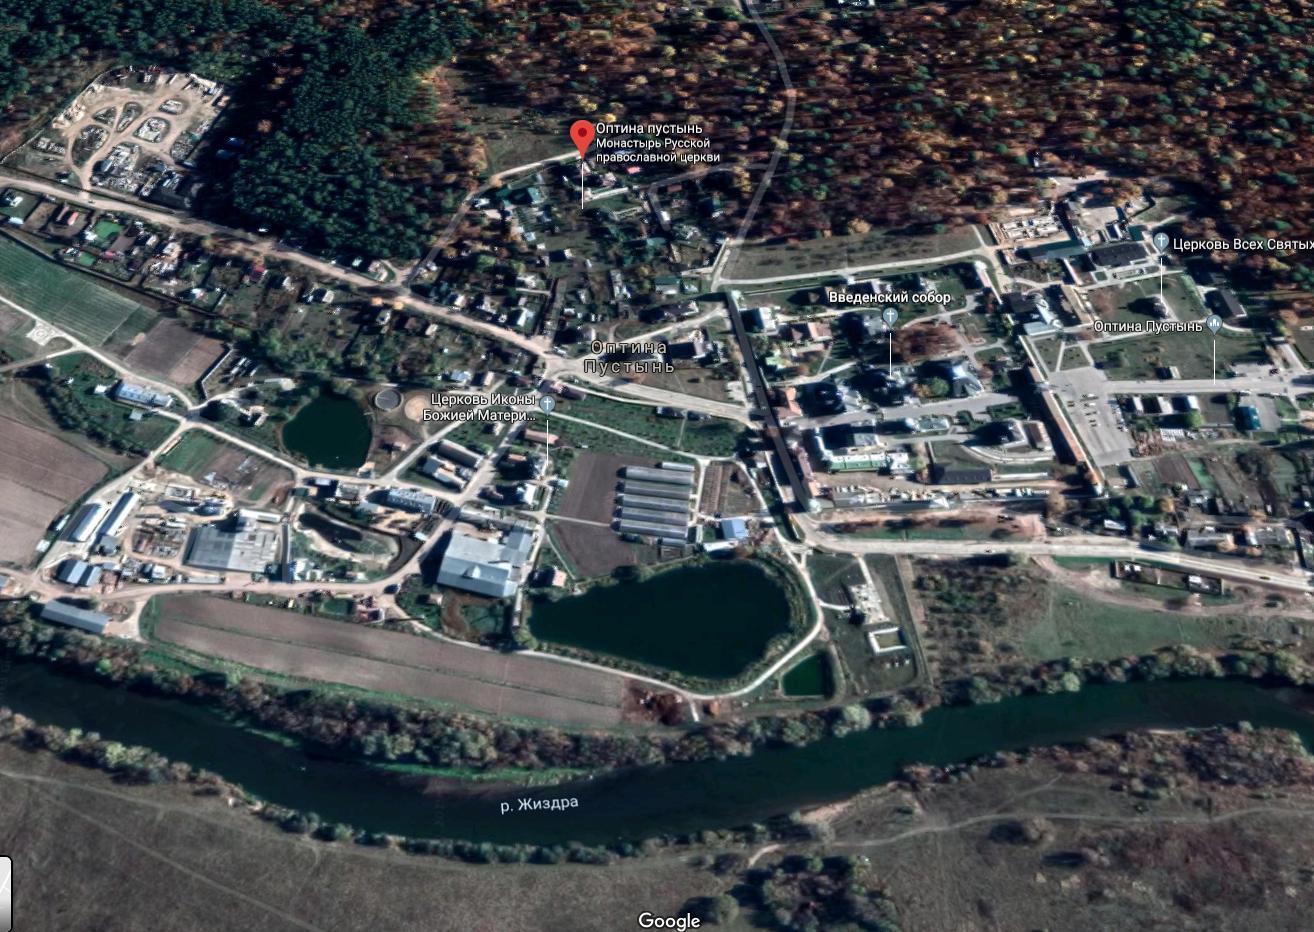 Жертву поджидали на тропинке близ монастыря. © Google Maps